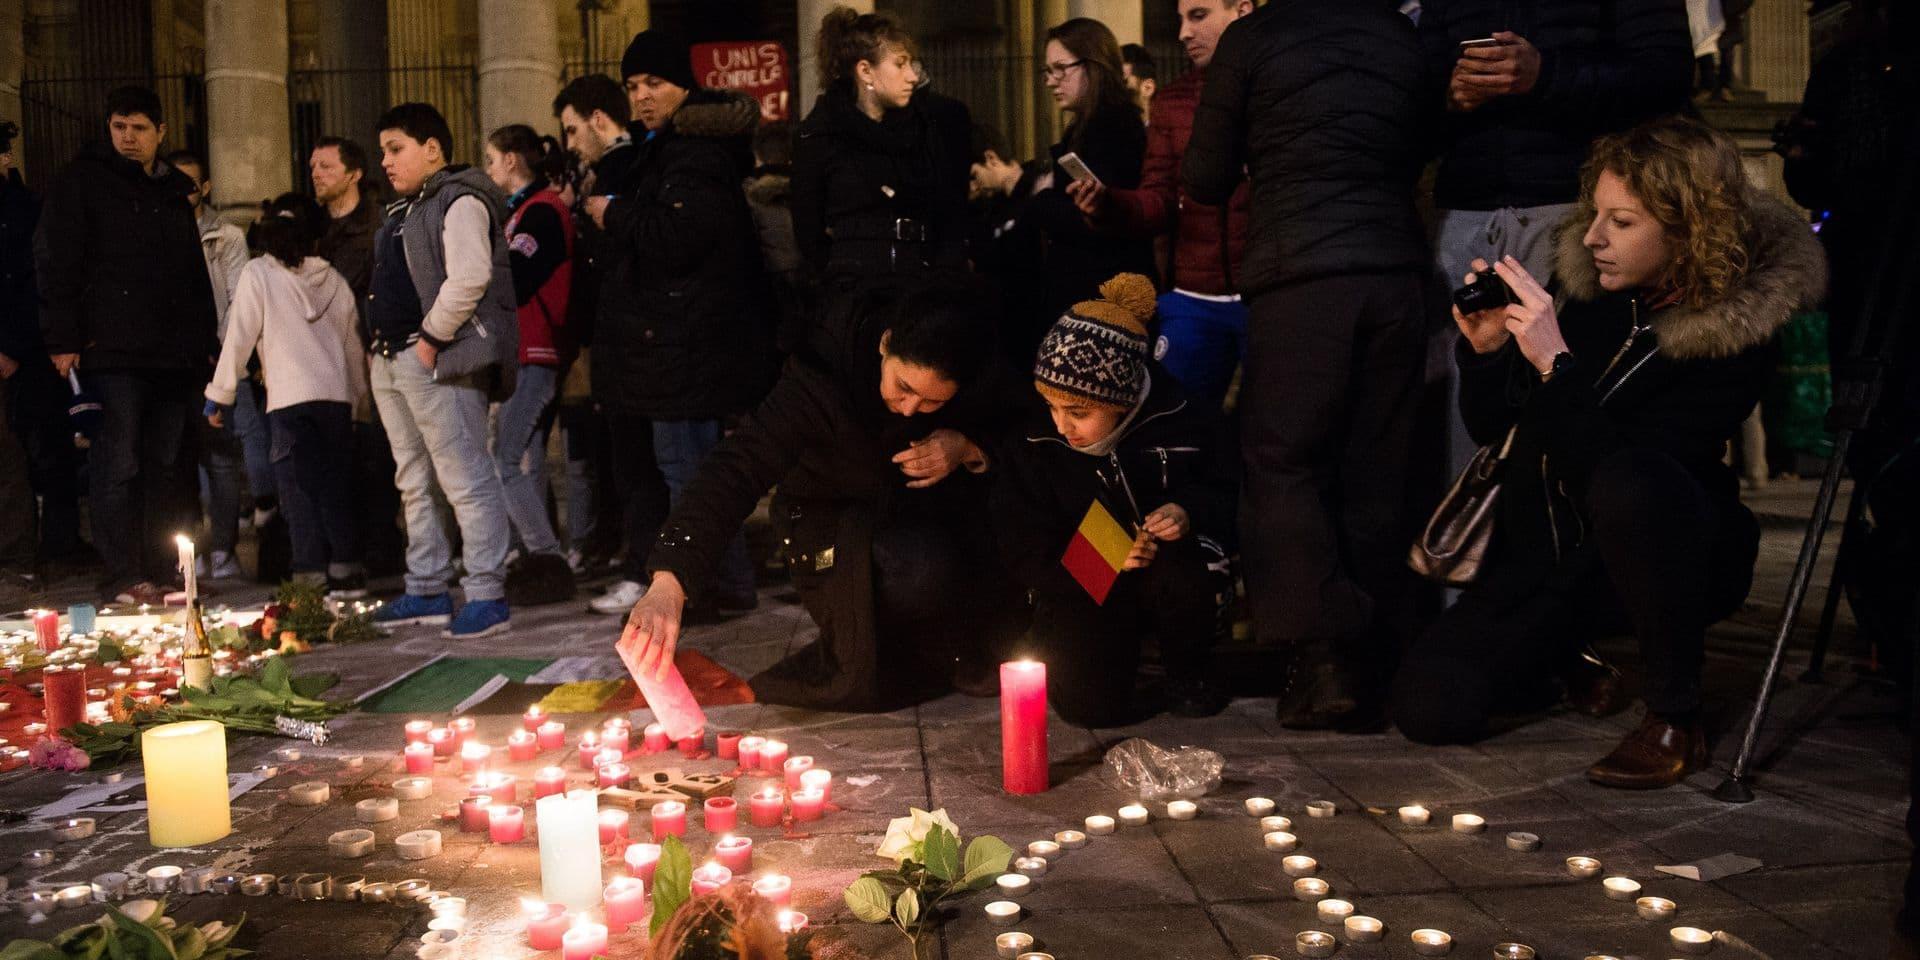 Deux attentats qui ont endeuillé toute la Belgique